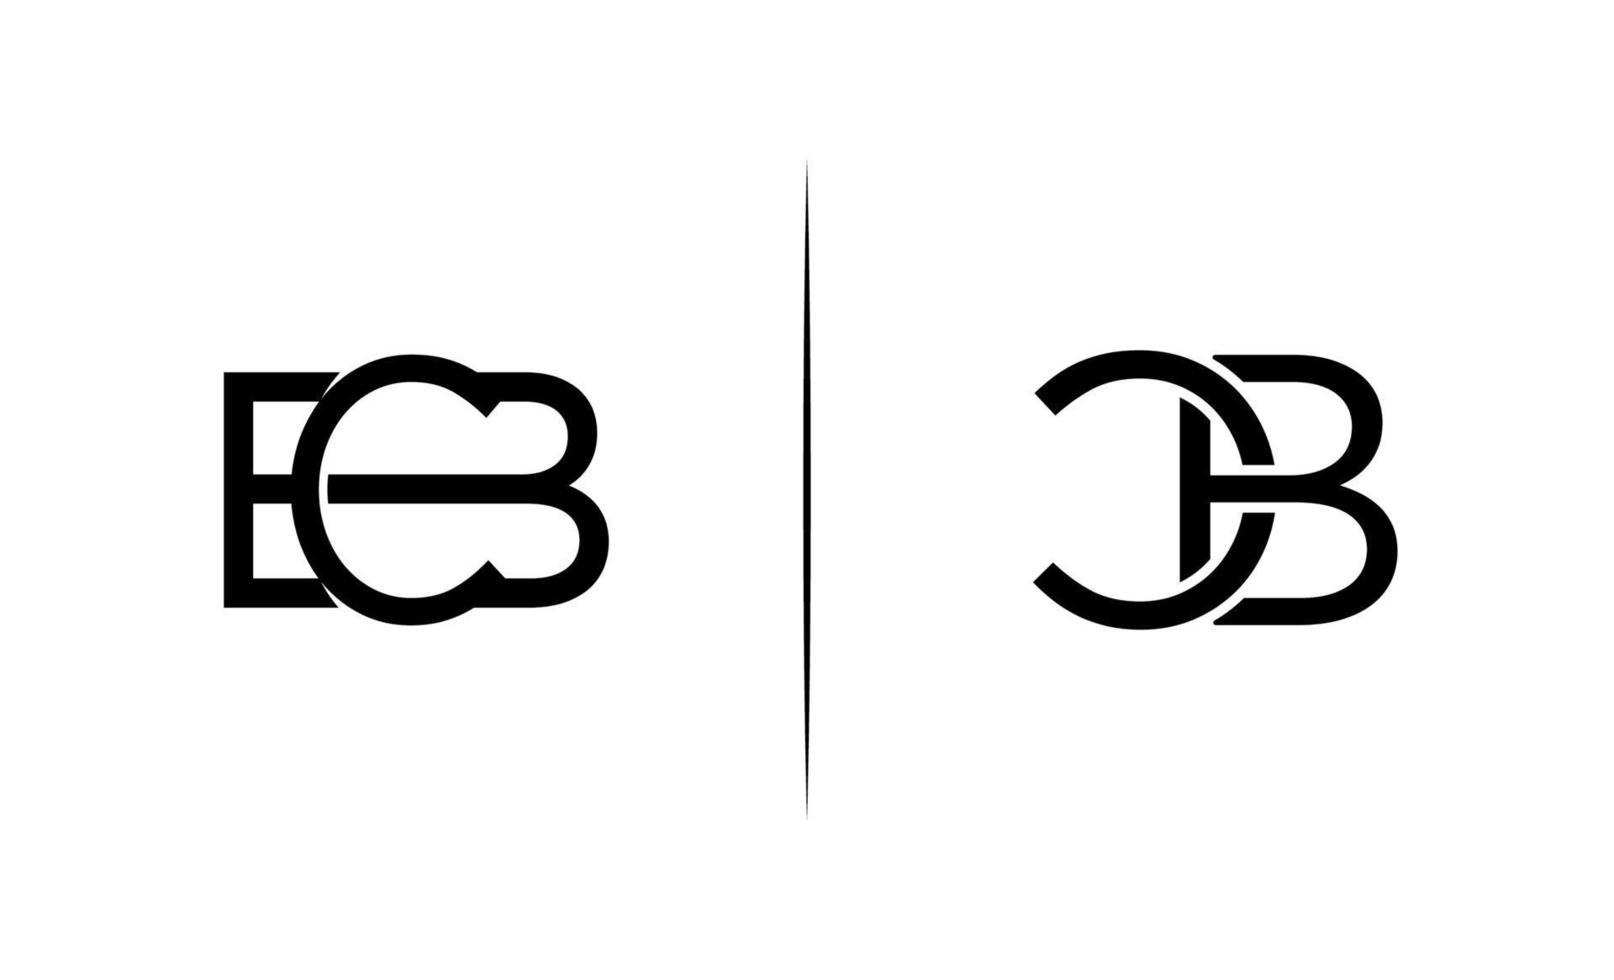 anfängliche cb logo design vorlage vektor